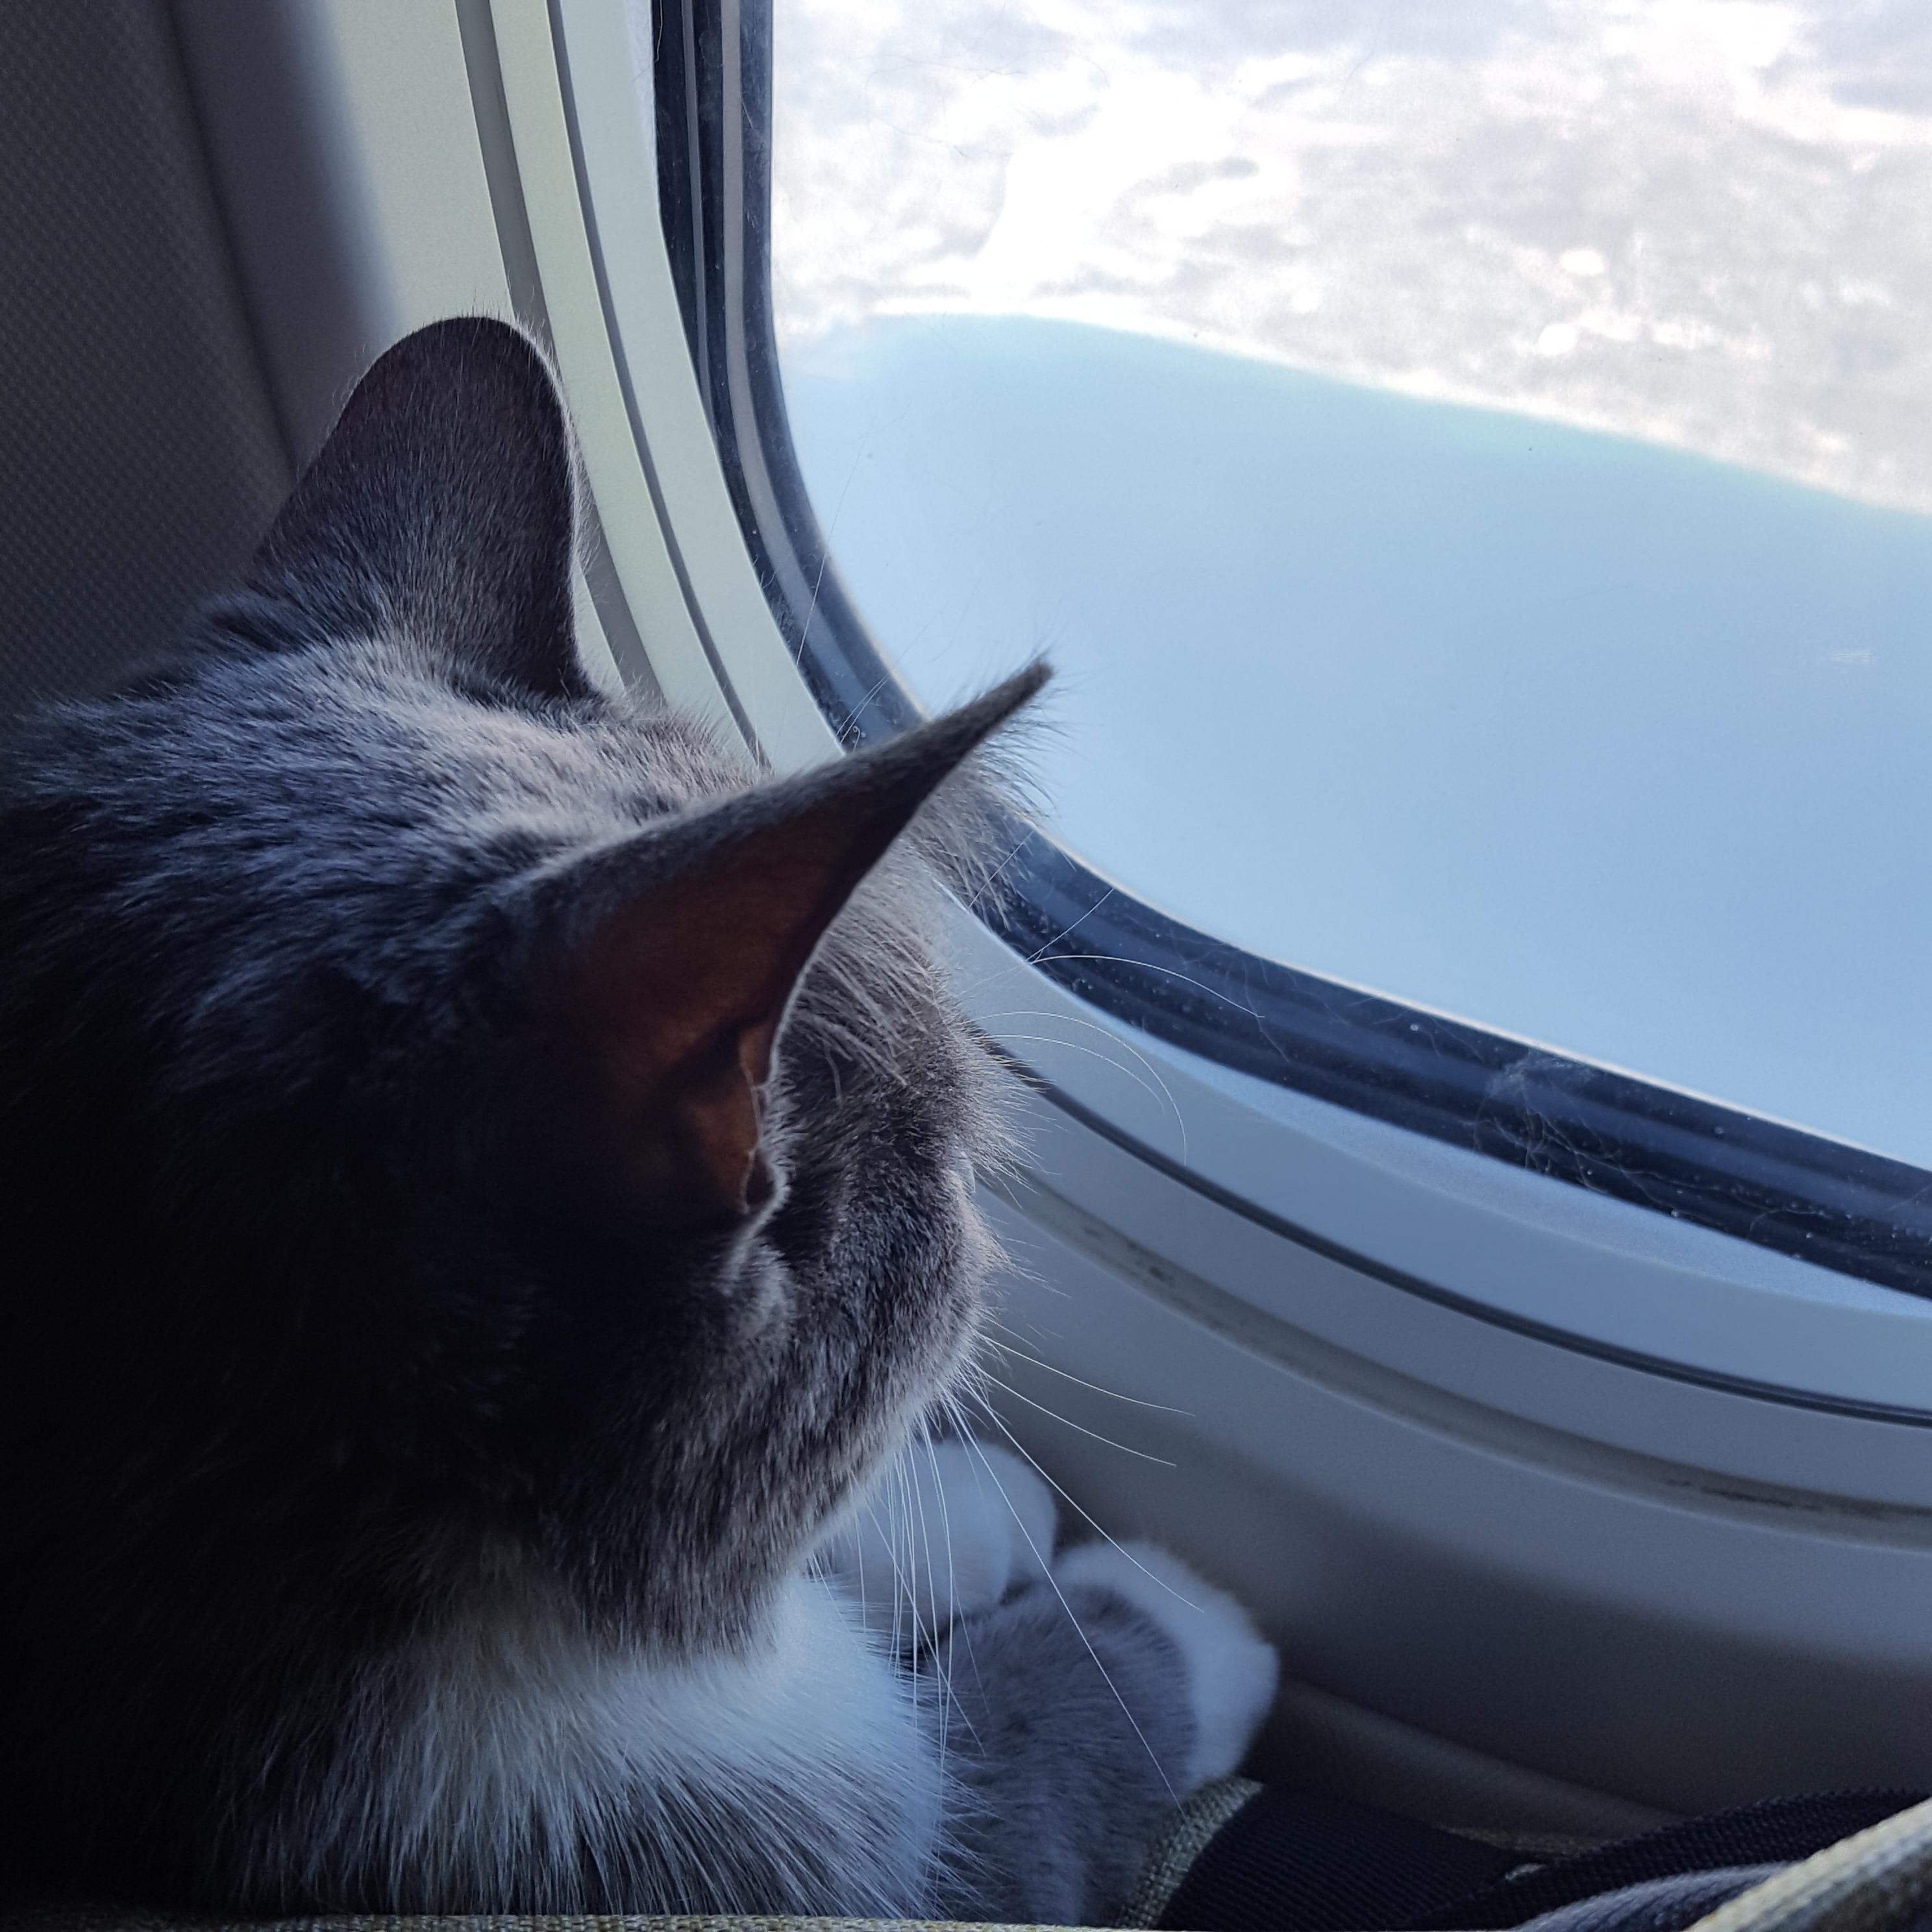 O companie aeriană a decis: doar câinii și pisicile pot fi transportate în avion ca sprijin emoțional